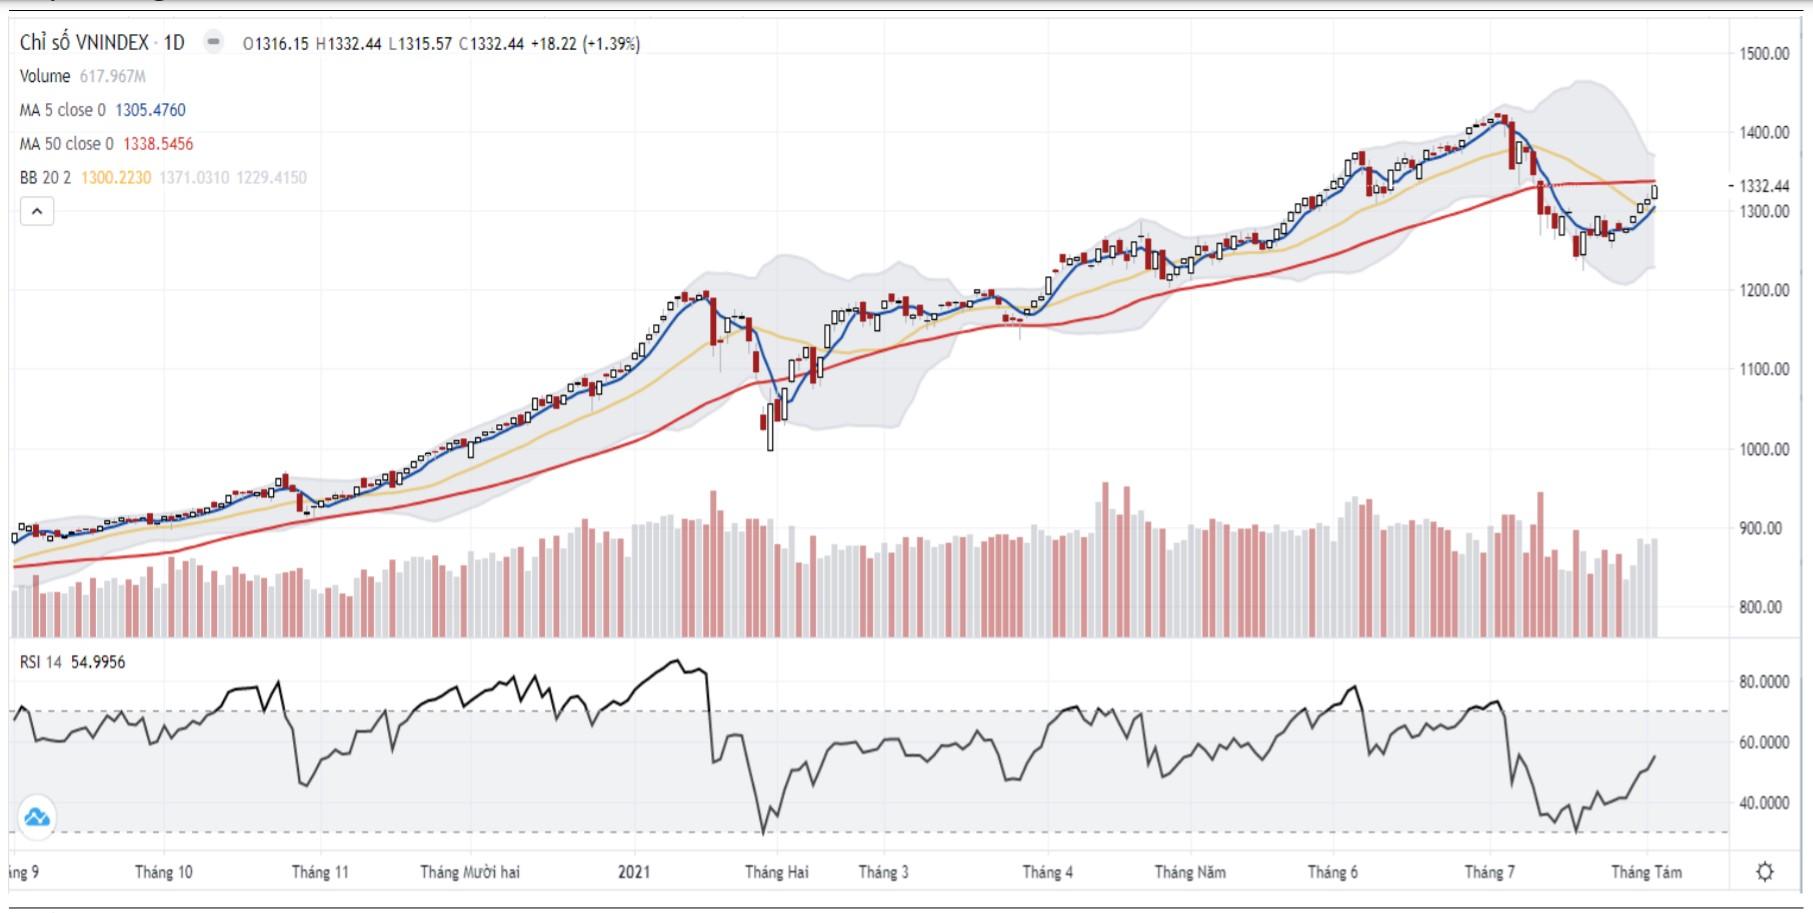 Nhận định thị trường chứng khoán ngày 4/8: Kiểm tra lại ngưỡng 1.350 điểm  - Ảnh 1.